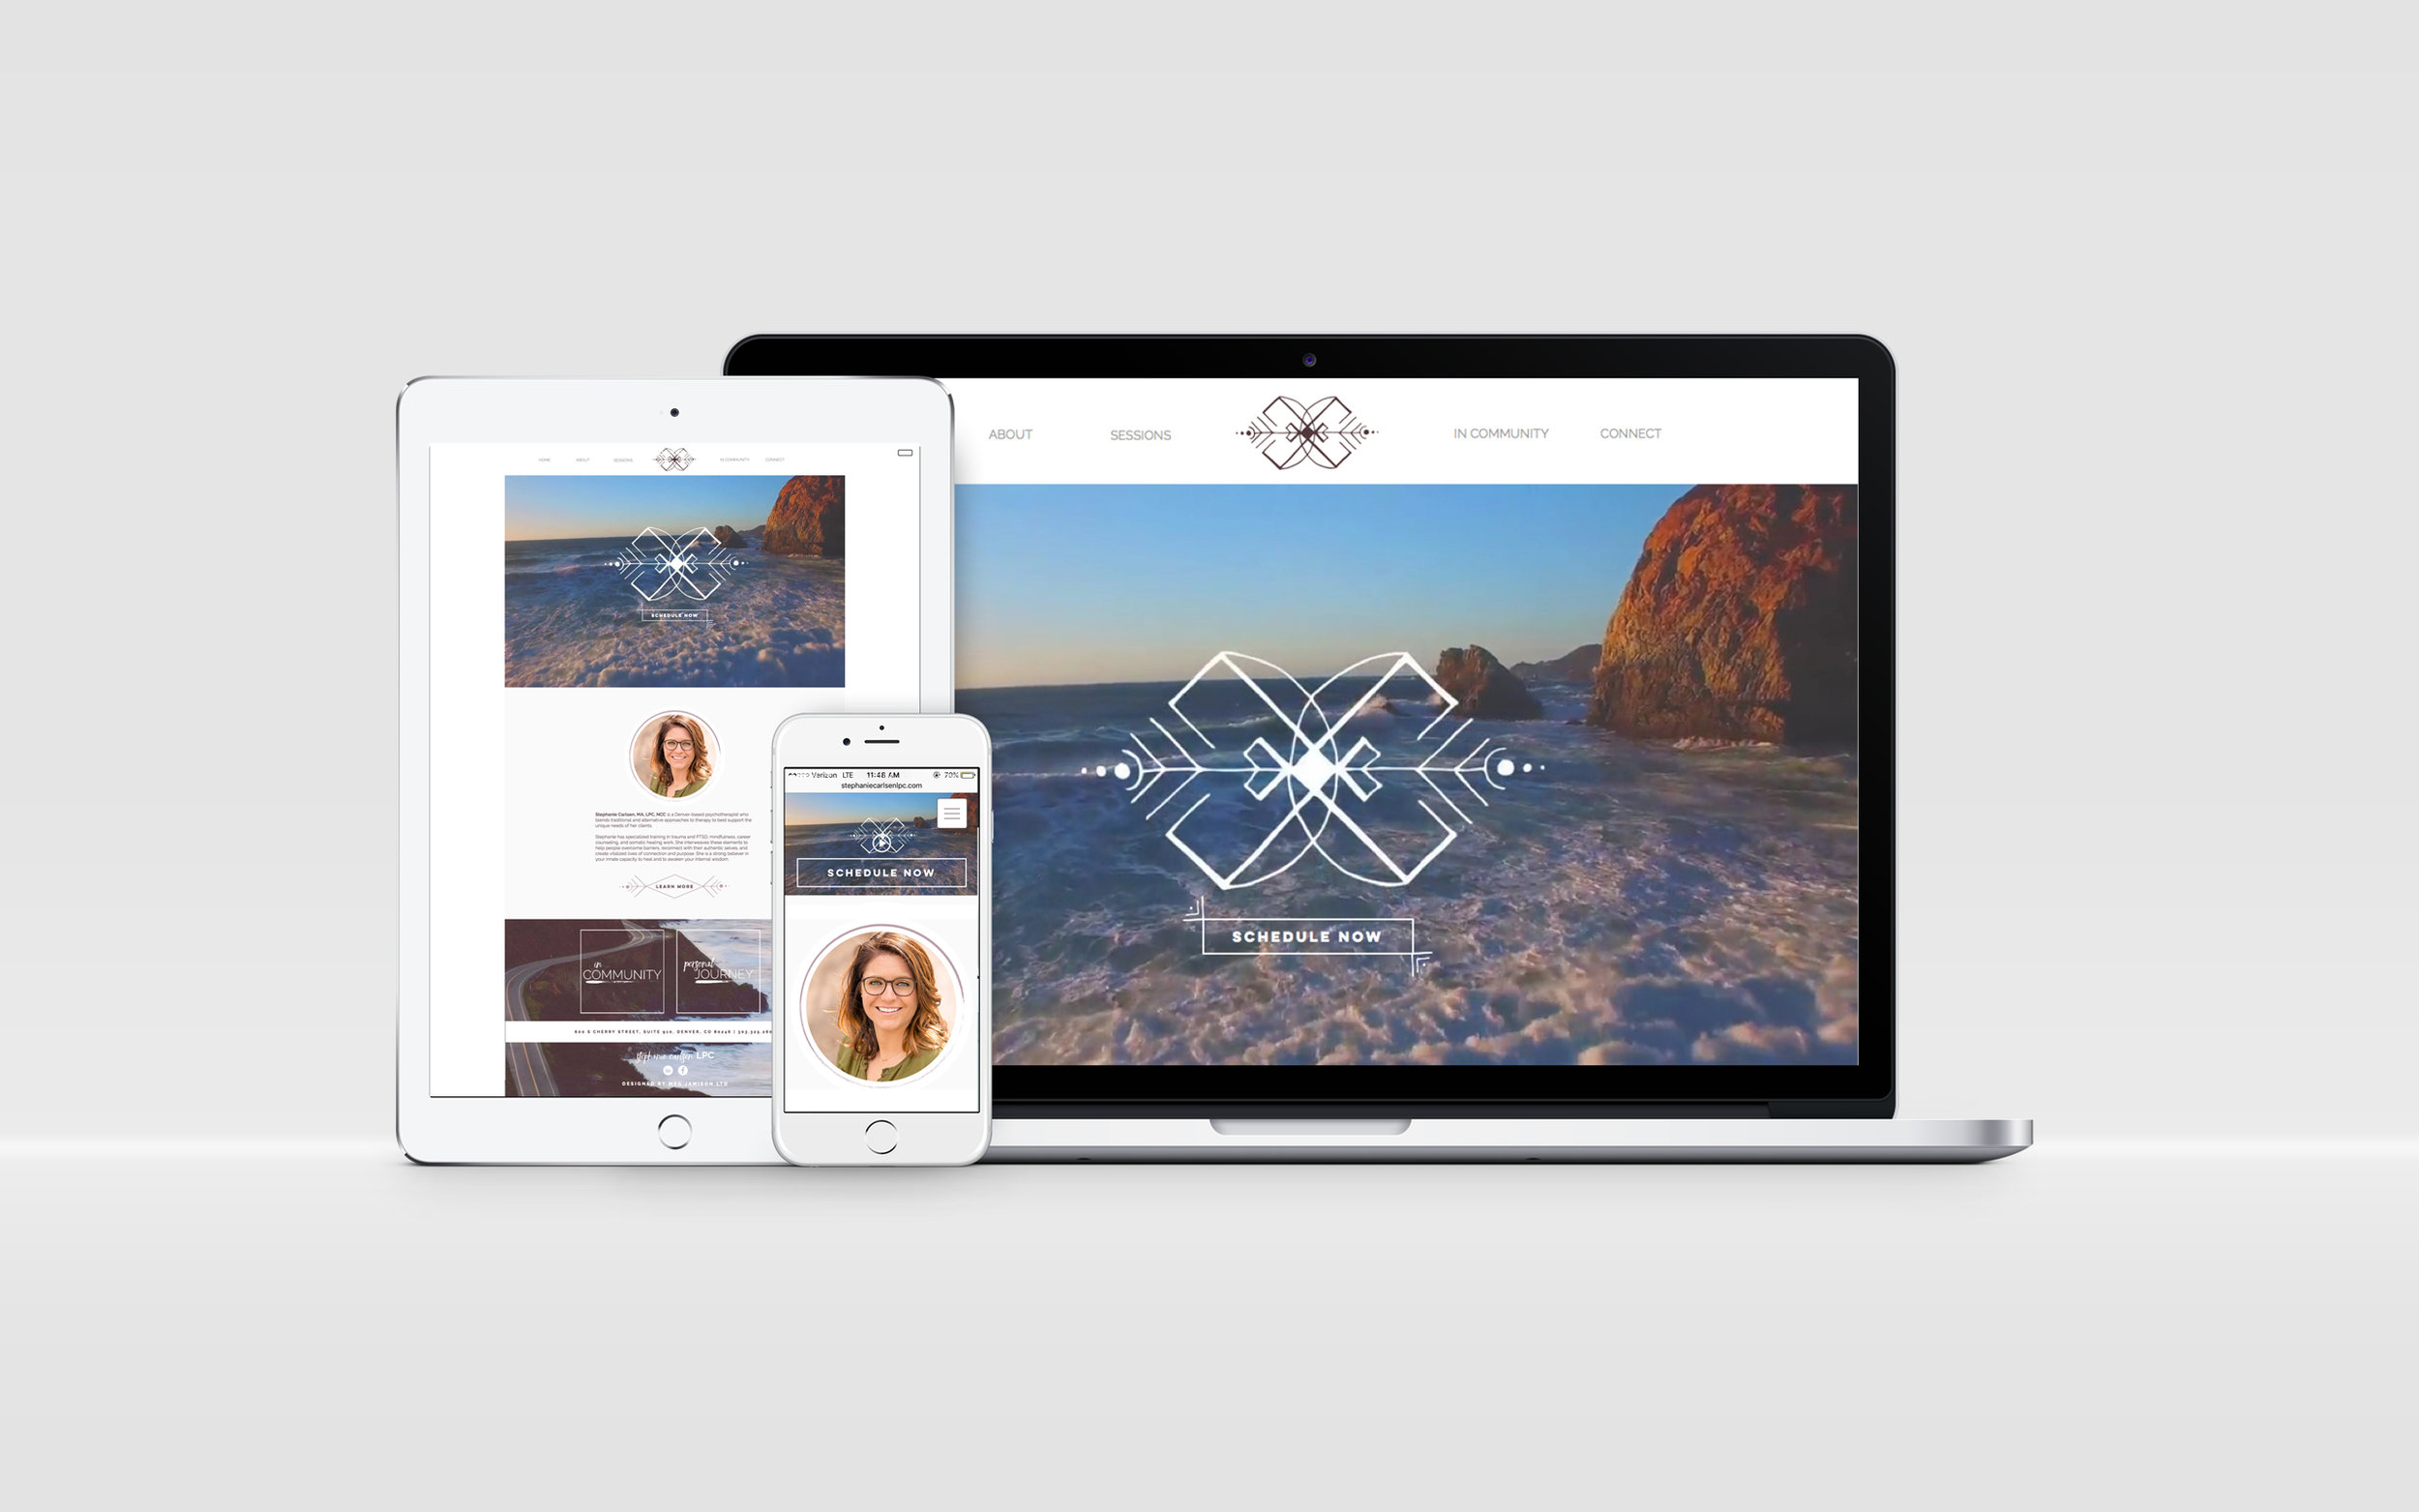 steph carlsen webdesign mockup.jpg